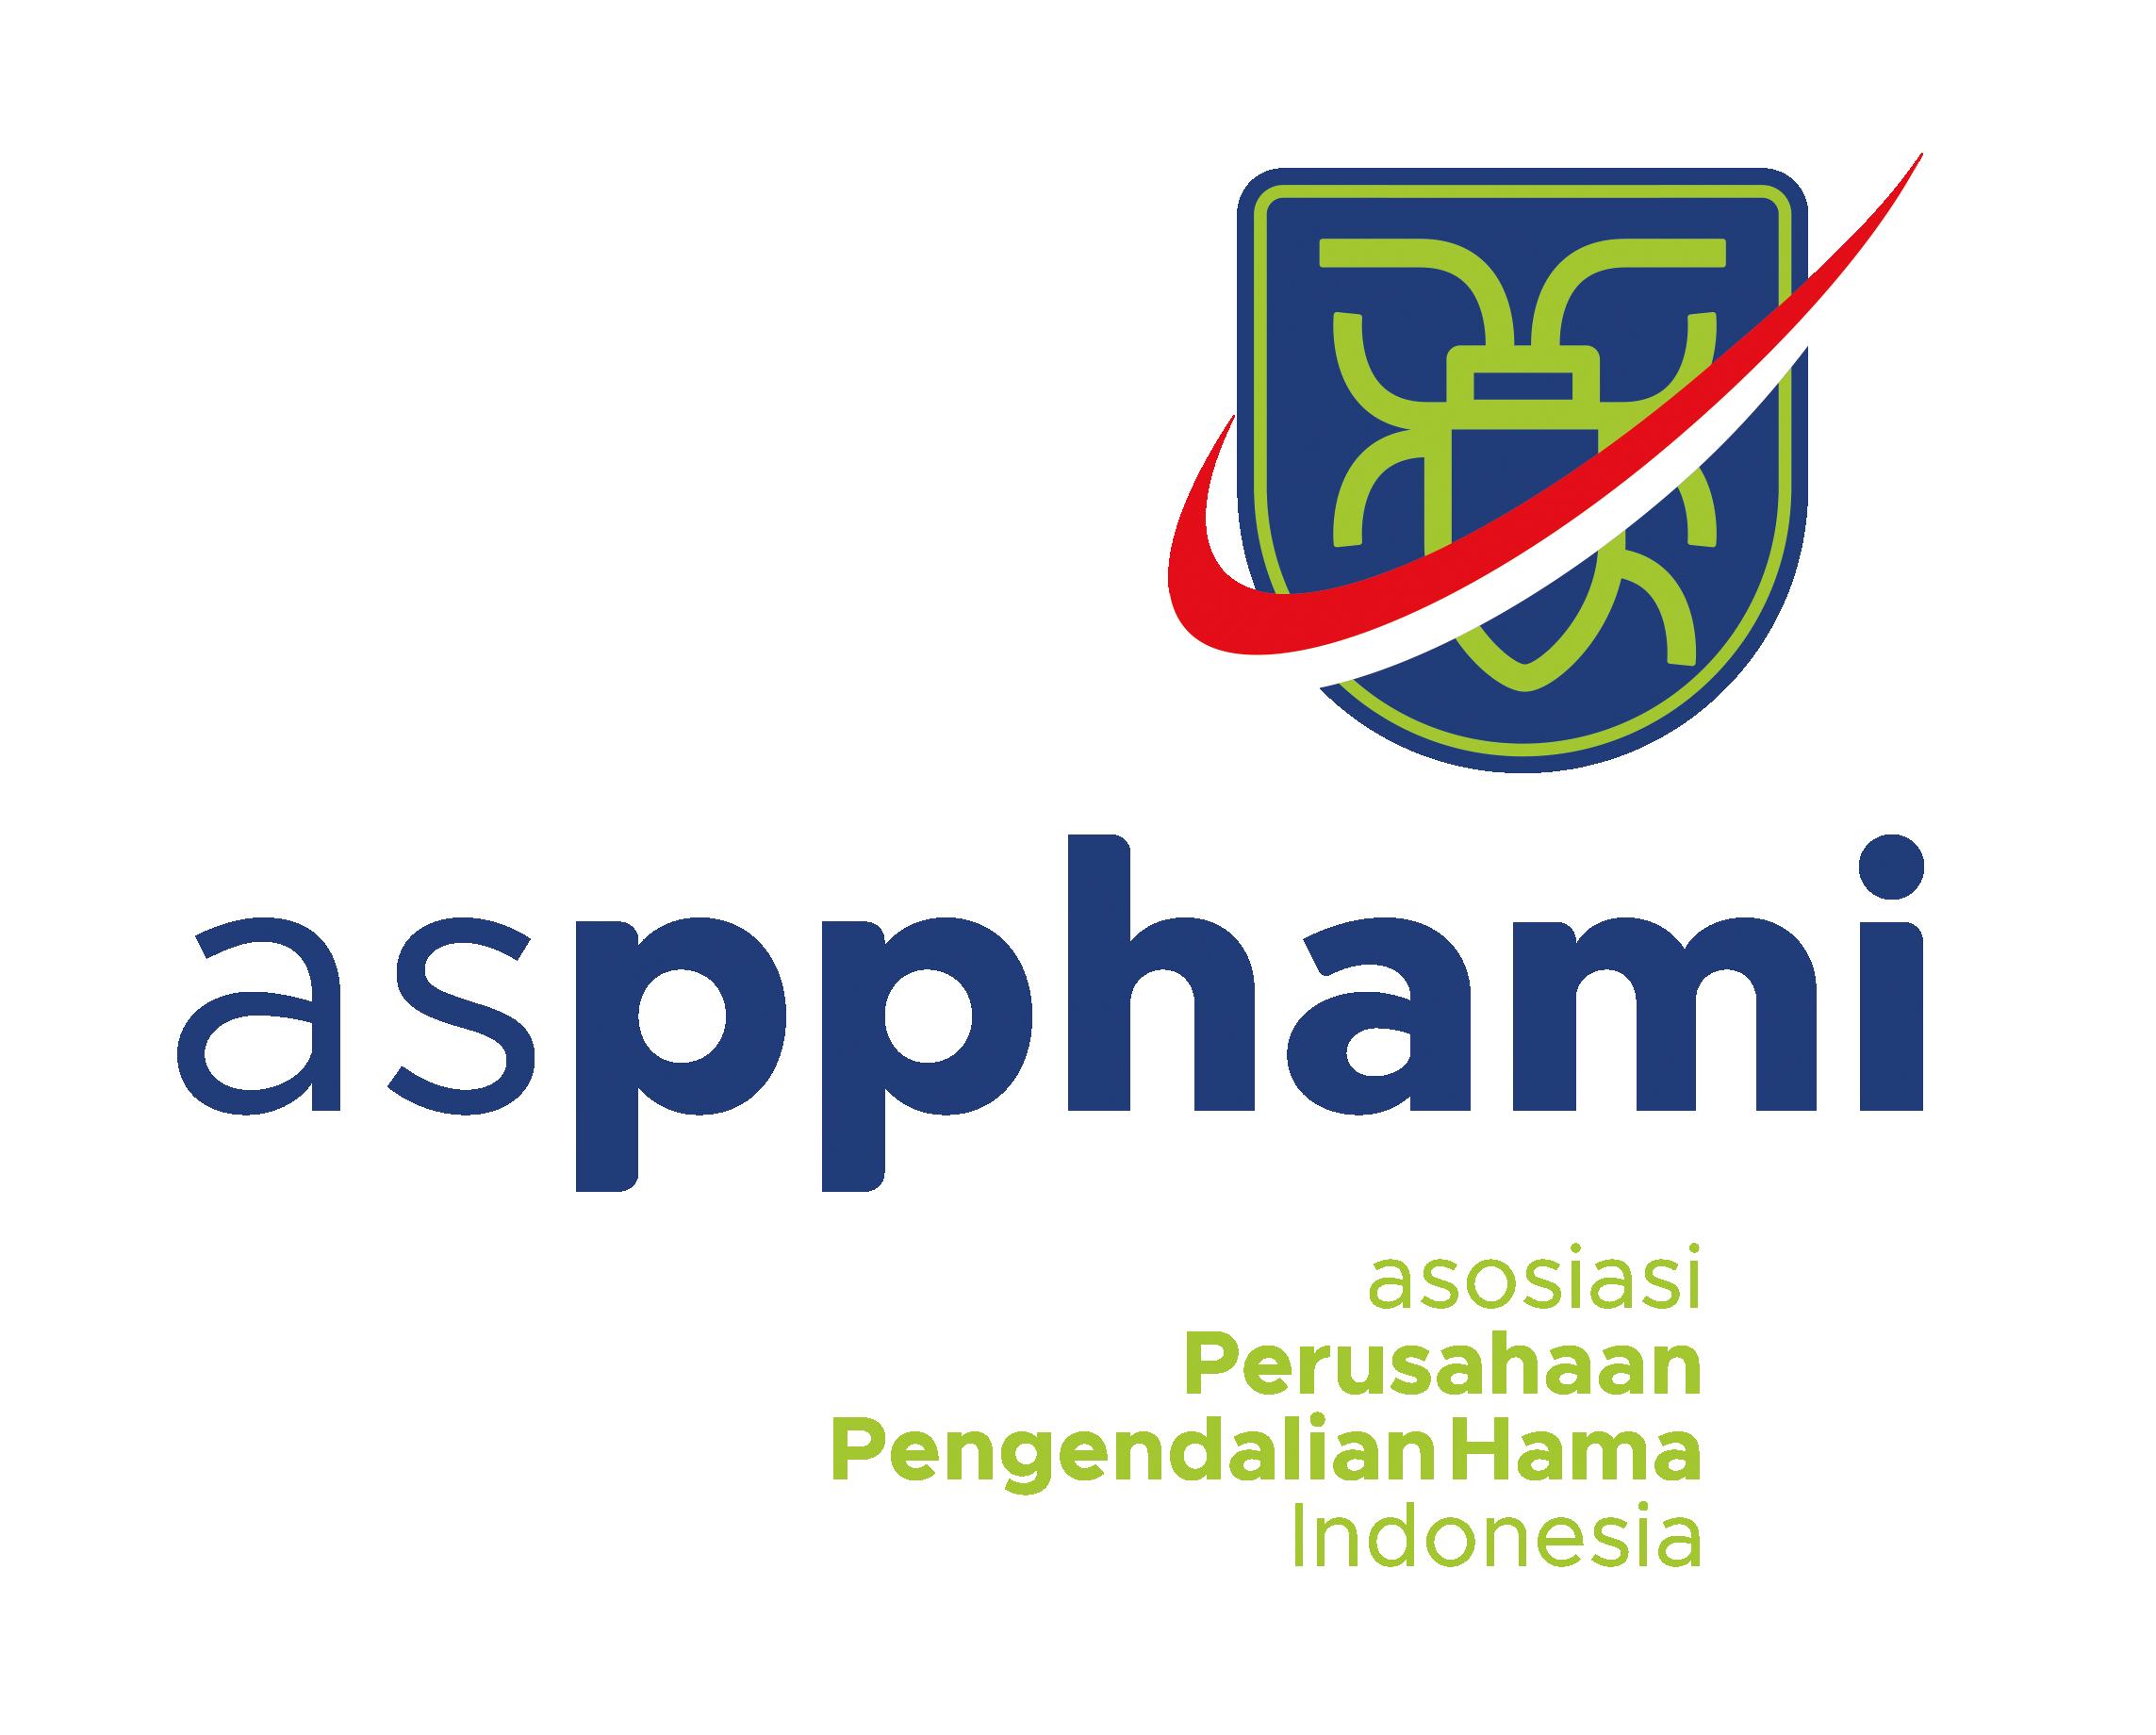 Aspphami